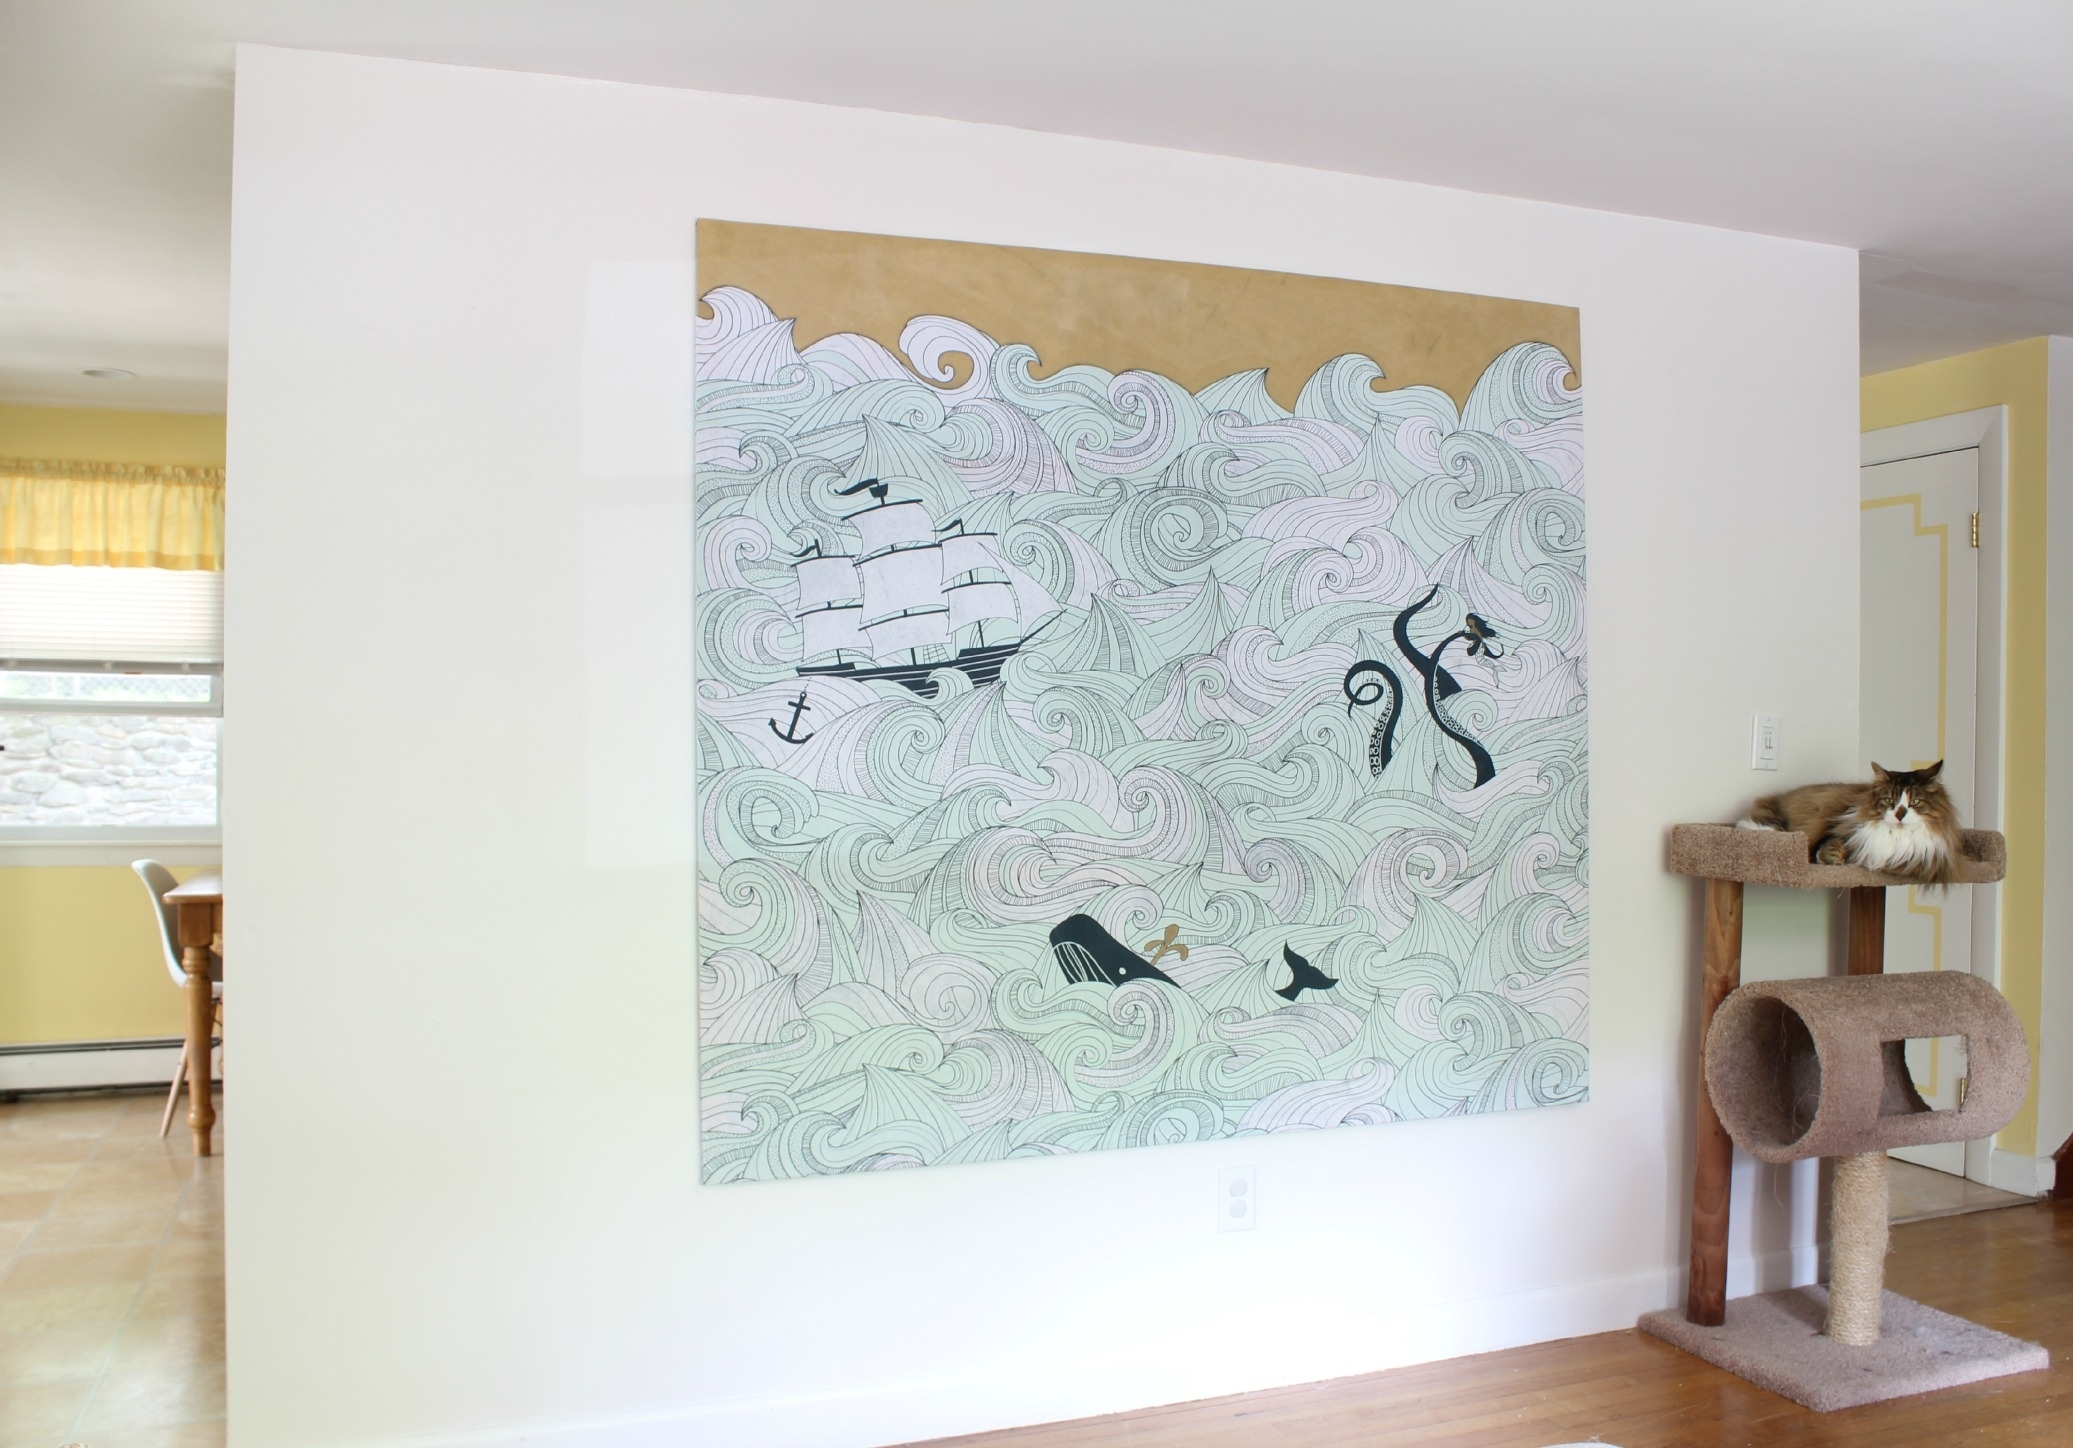 Eleven Unique Diy Wall Art Ideas Rustic Sinaapp – Dma Homes | #46931 Regarding Most Recent Rustic Fabric Wall Art (View 9 of 15)